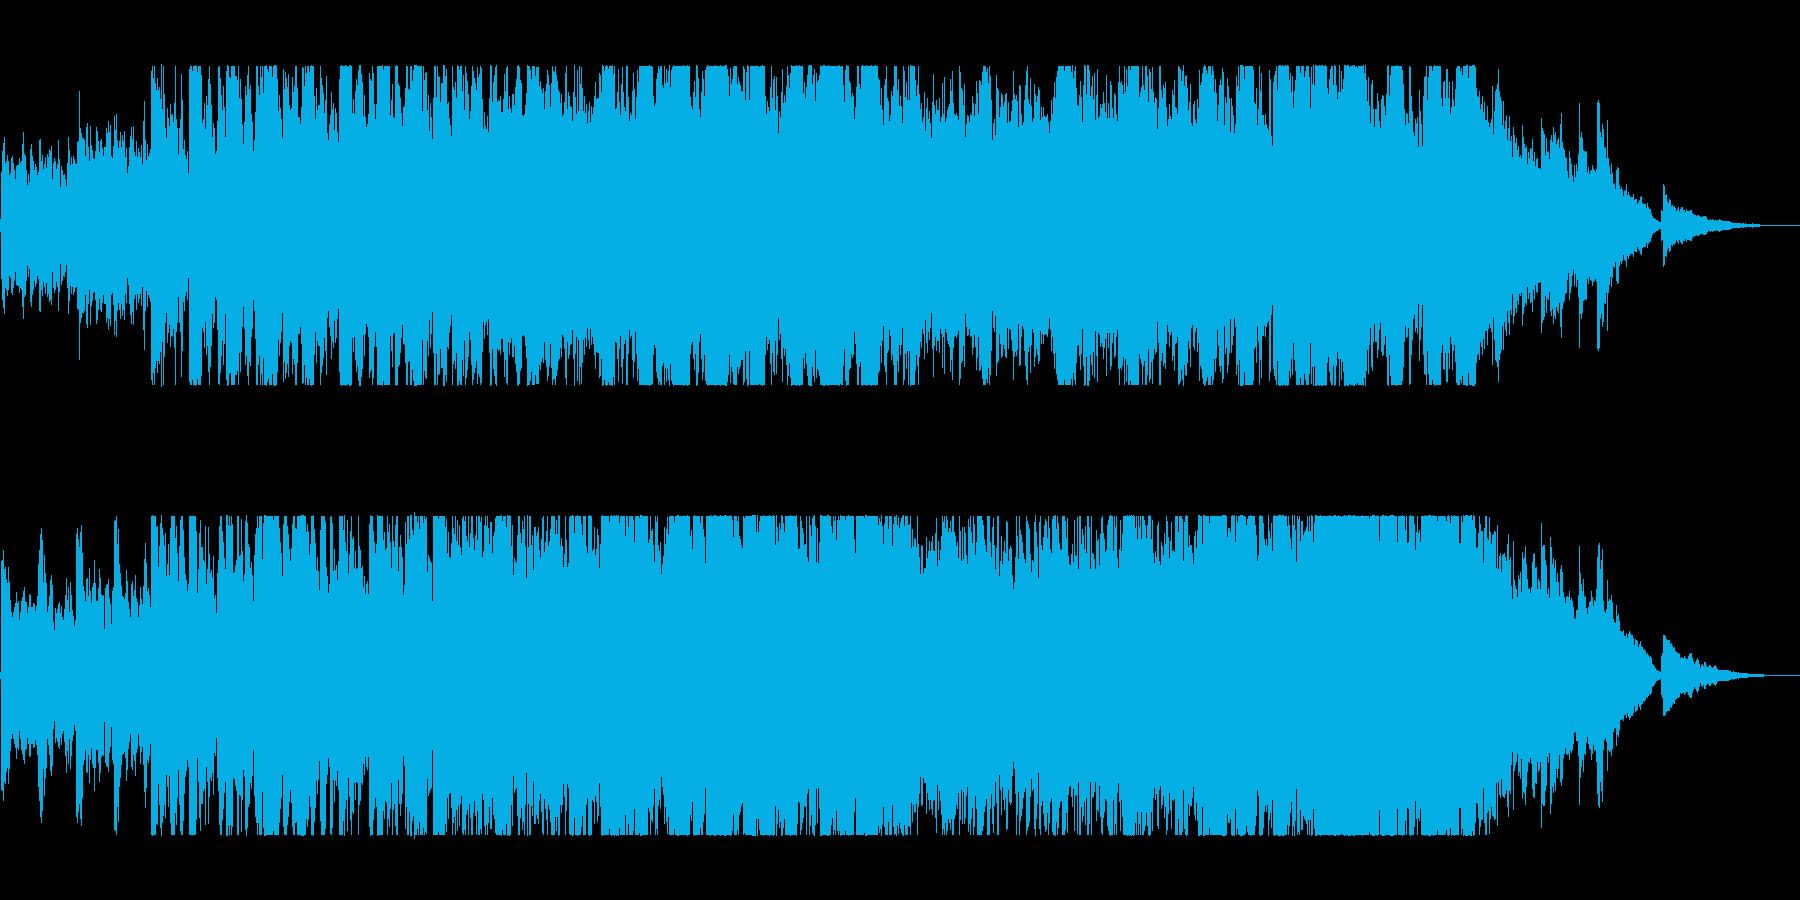 北欧テイストのクラシックポップスの再生済みの波形